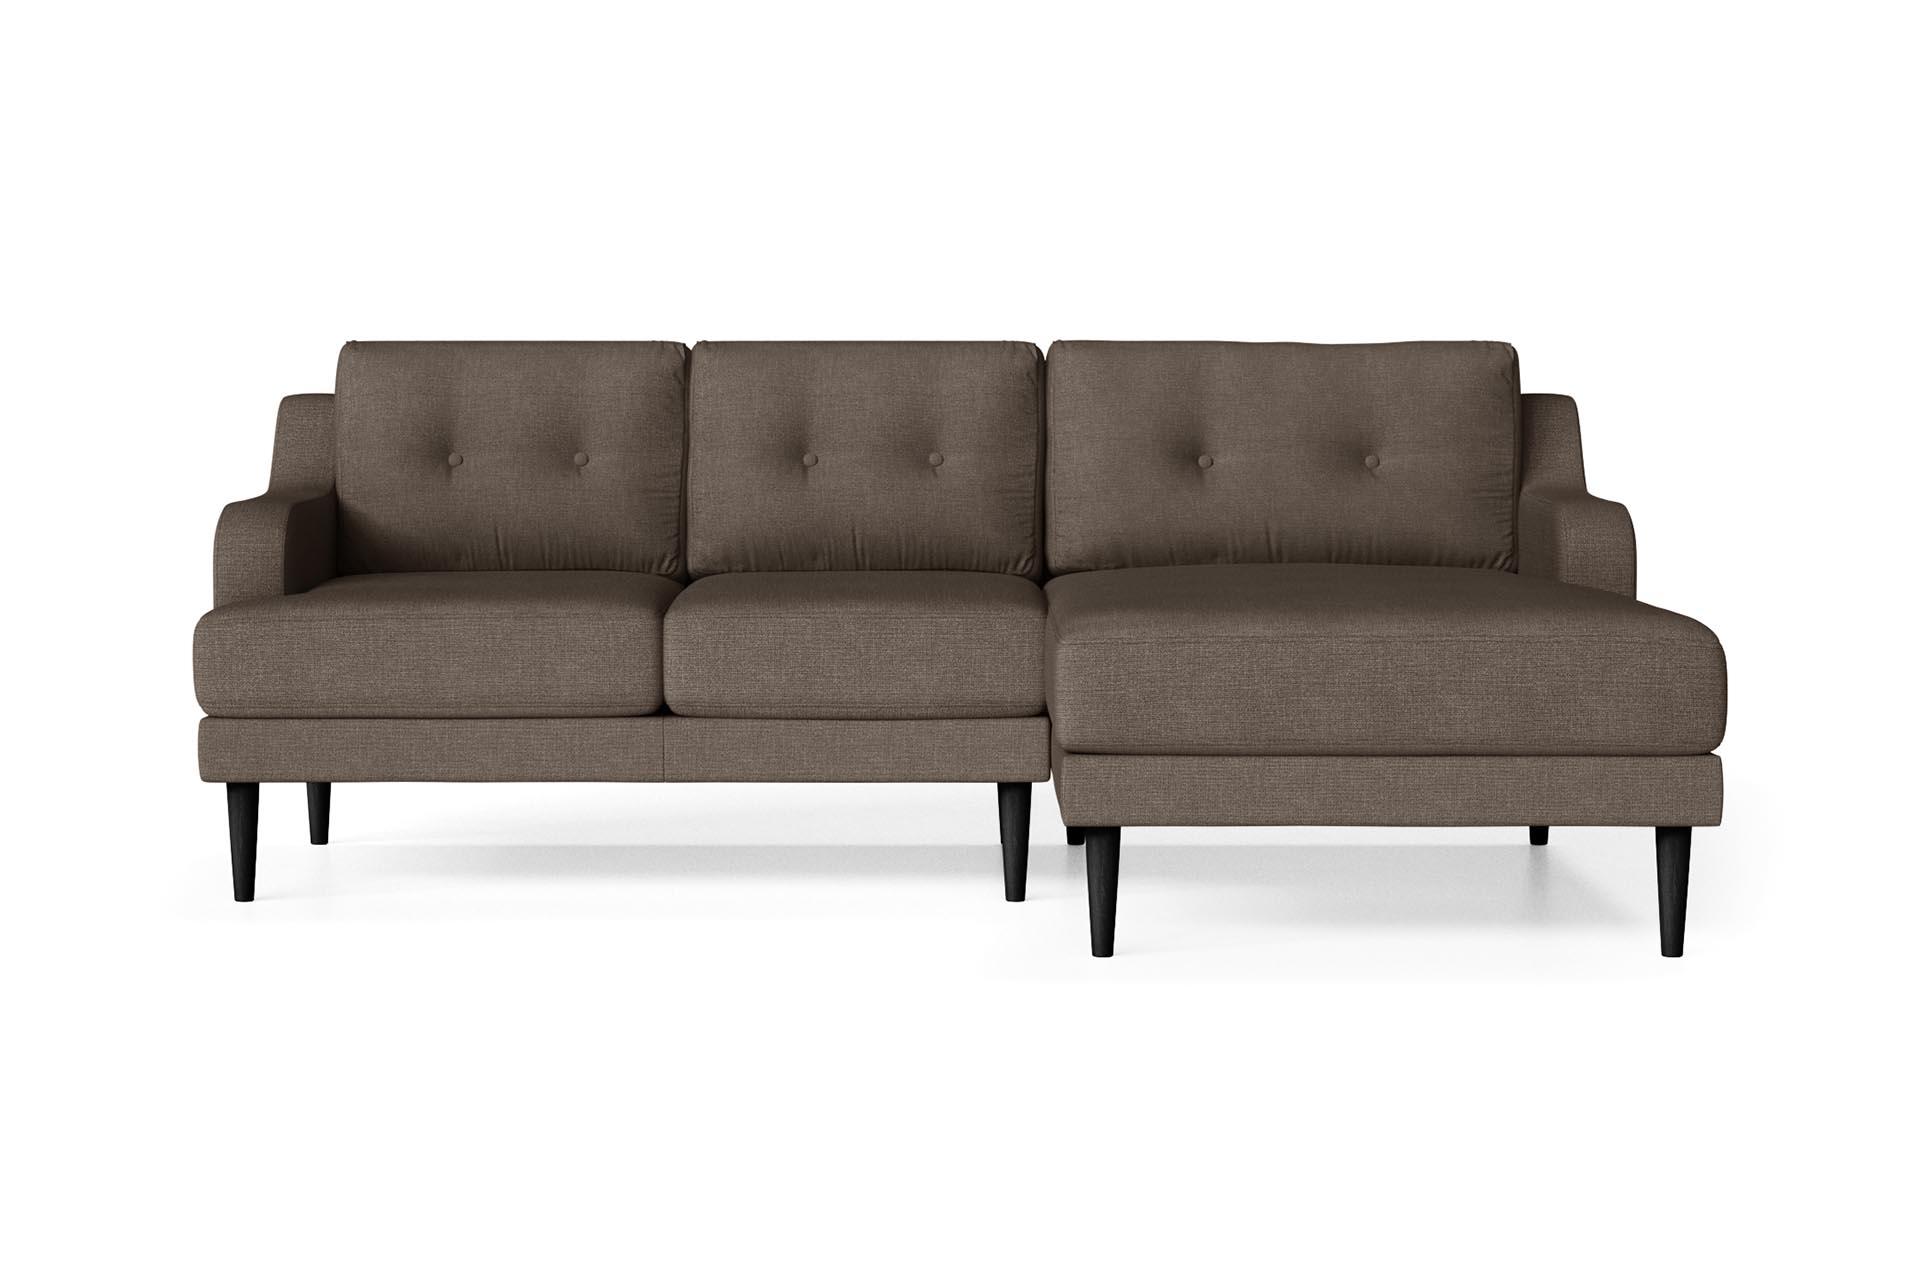 Canapé d'angle droit 4 places toucher lin marron